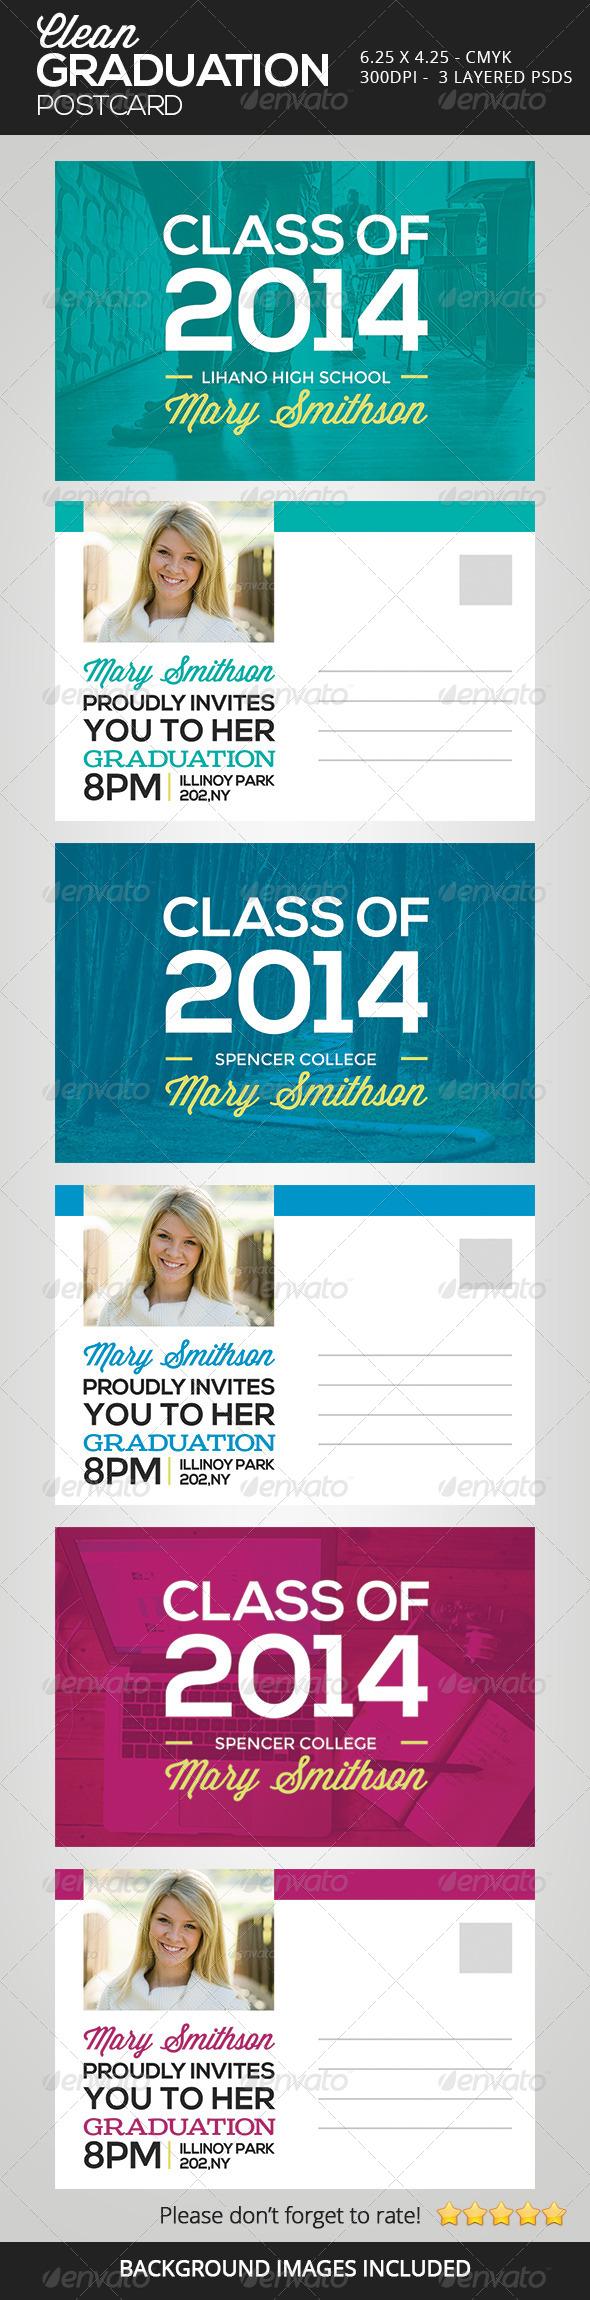 GraphicRiver Clean Graduation Postcards 6618136